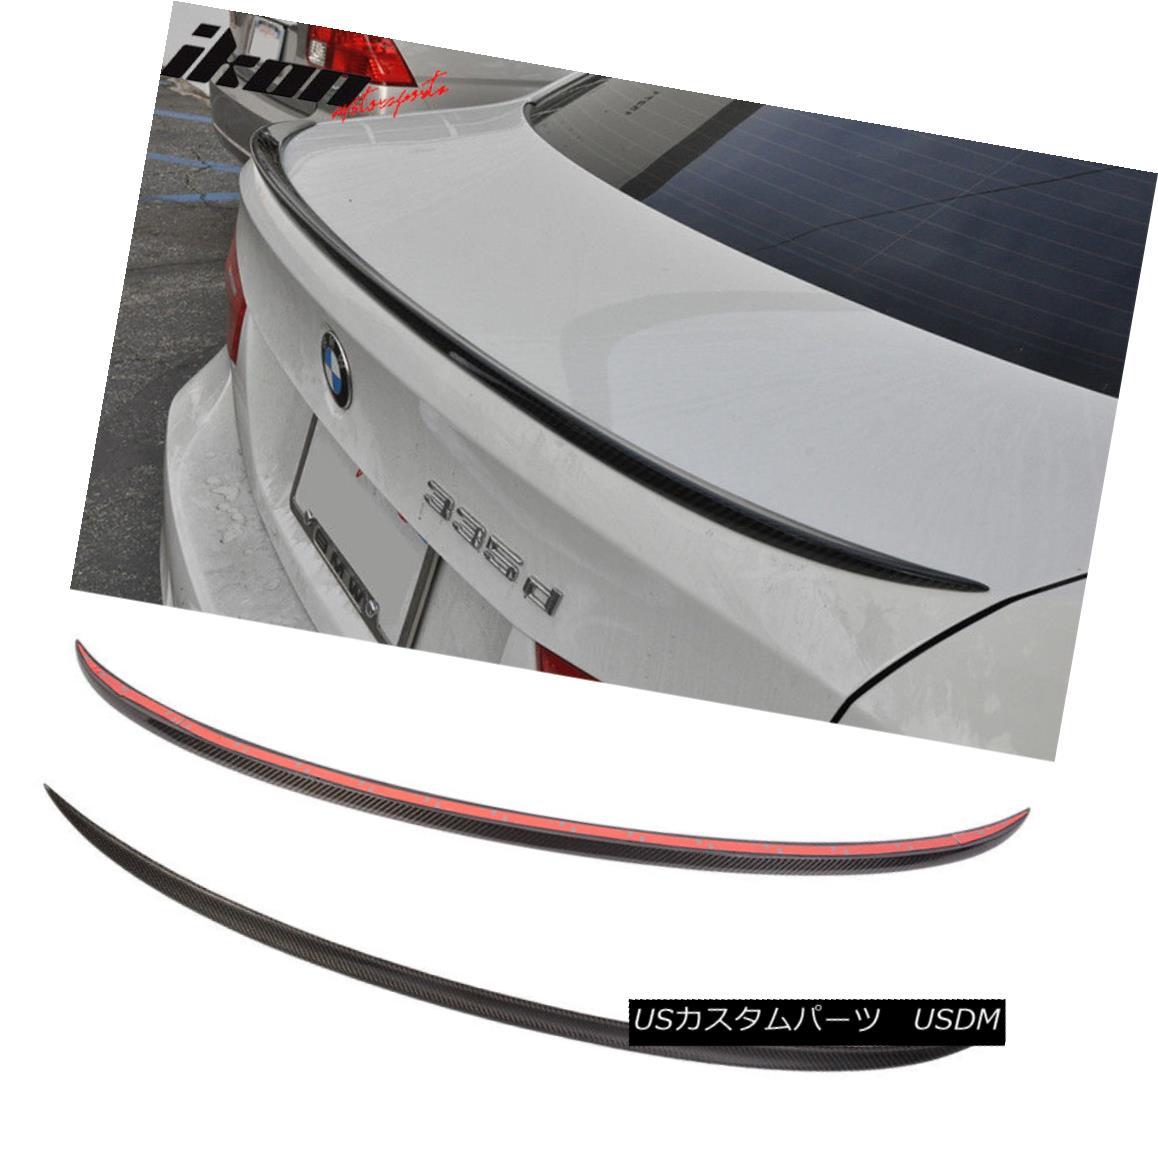 エアロパーツ Fits 05-11 BMW 3-Series E90 M3 CF Carbon Fiber Trunk Spoiler (CF) フィット05-11 BMW 3シリーズE90 M3 CF炭素繊維トランク・スポイラー(CF)